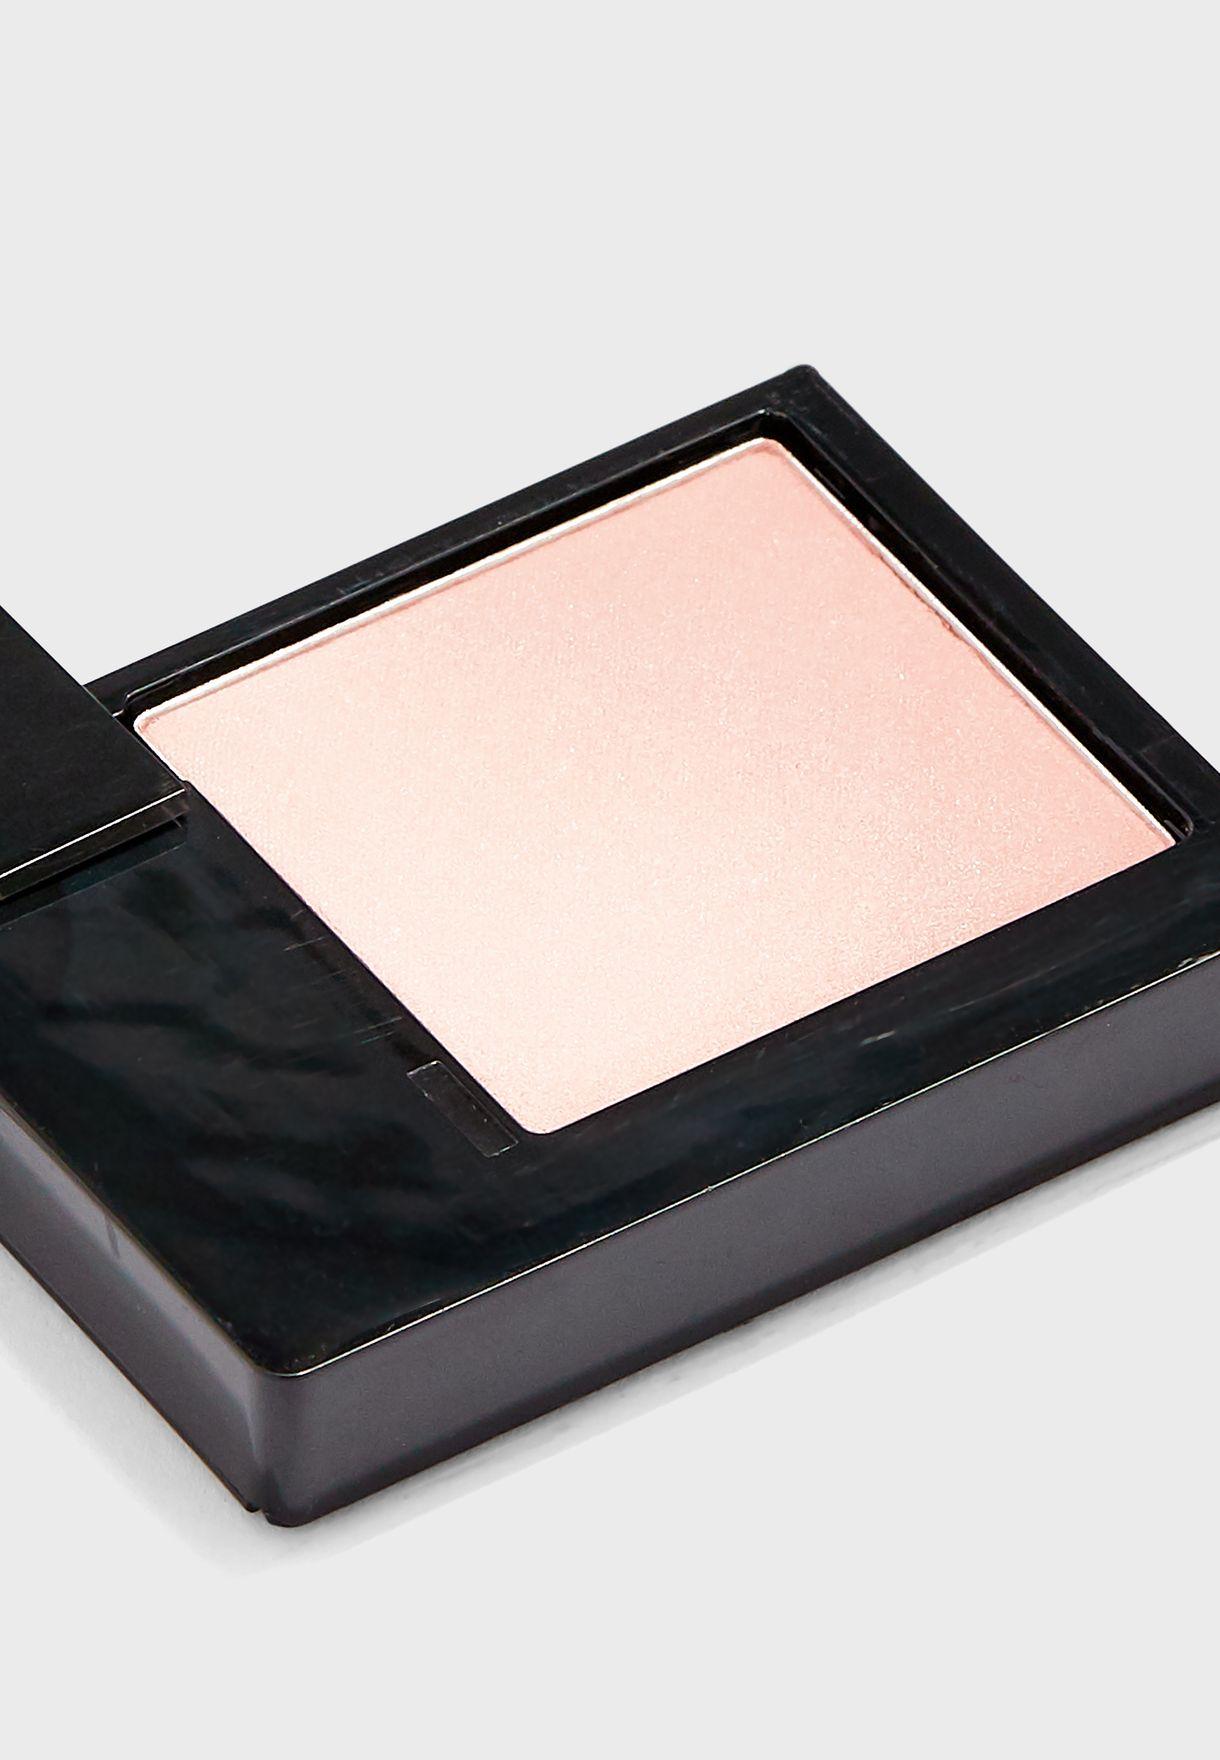 Face Studio Master Heat Blush - Pink Amber 40